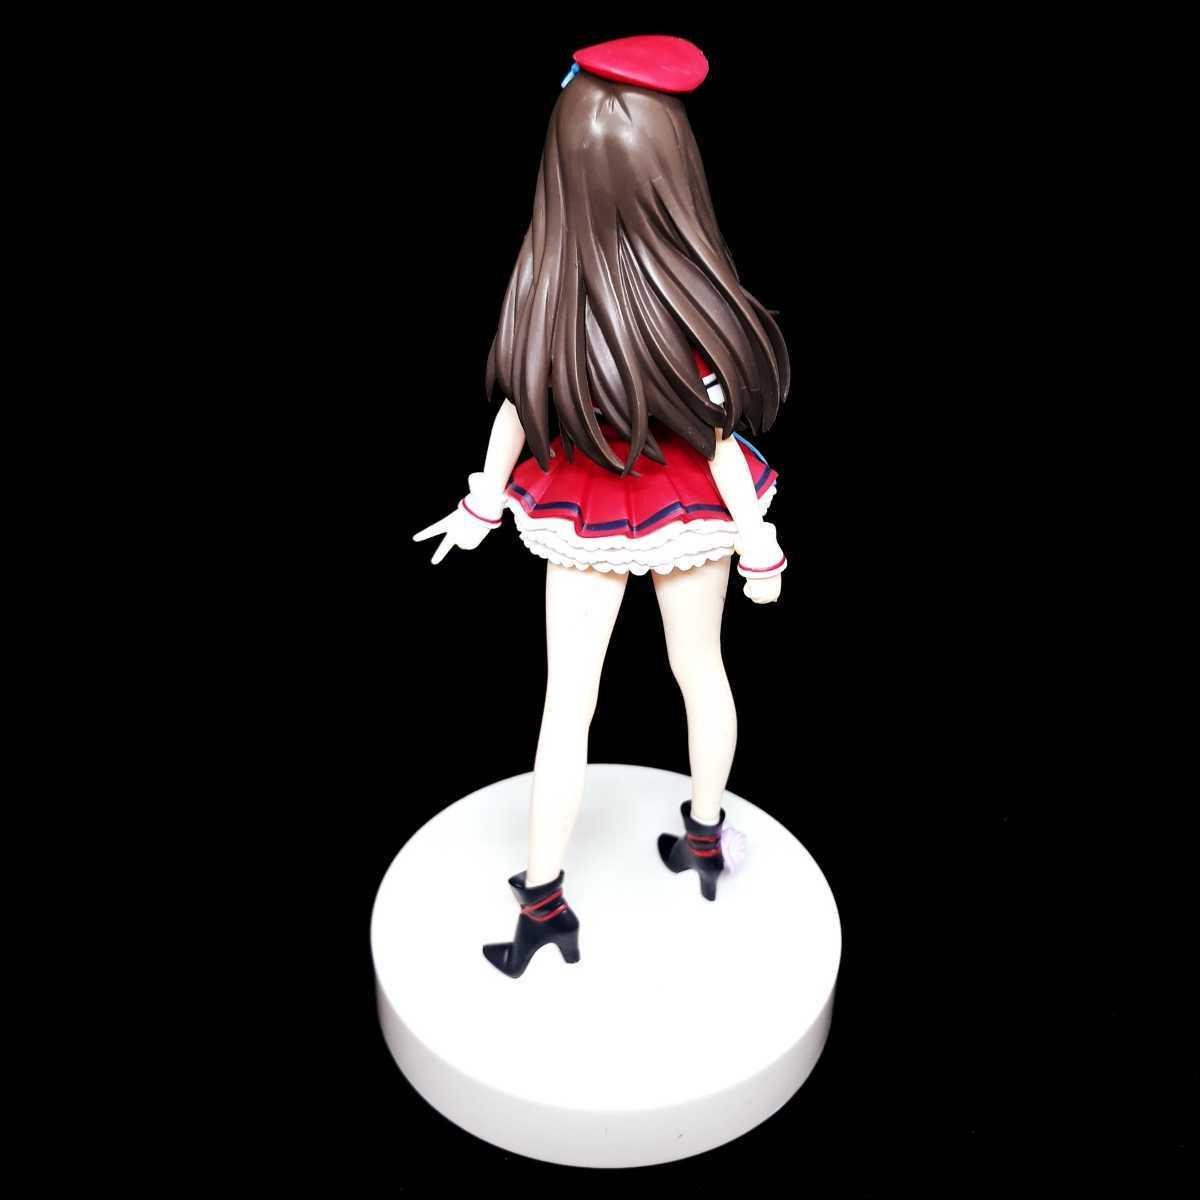 アイドルマスター シンデレラガールズ 渋谷凛 new generations フィギュア バンプレスト SQフィギュア 箱無 FG251_画像3